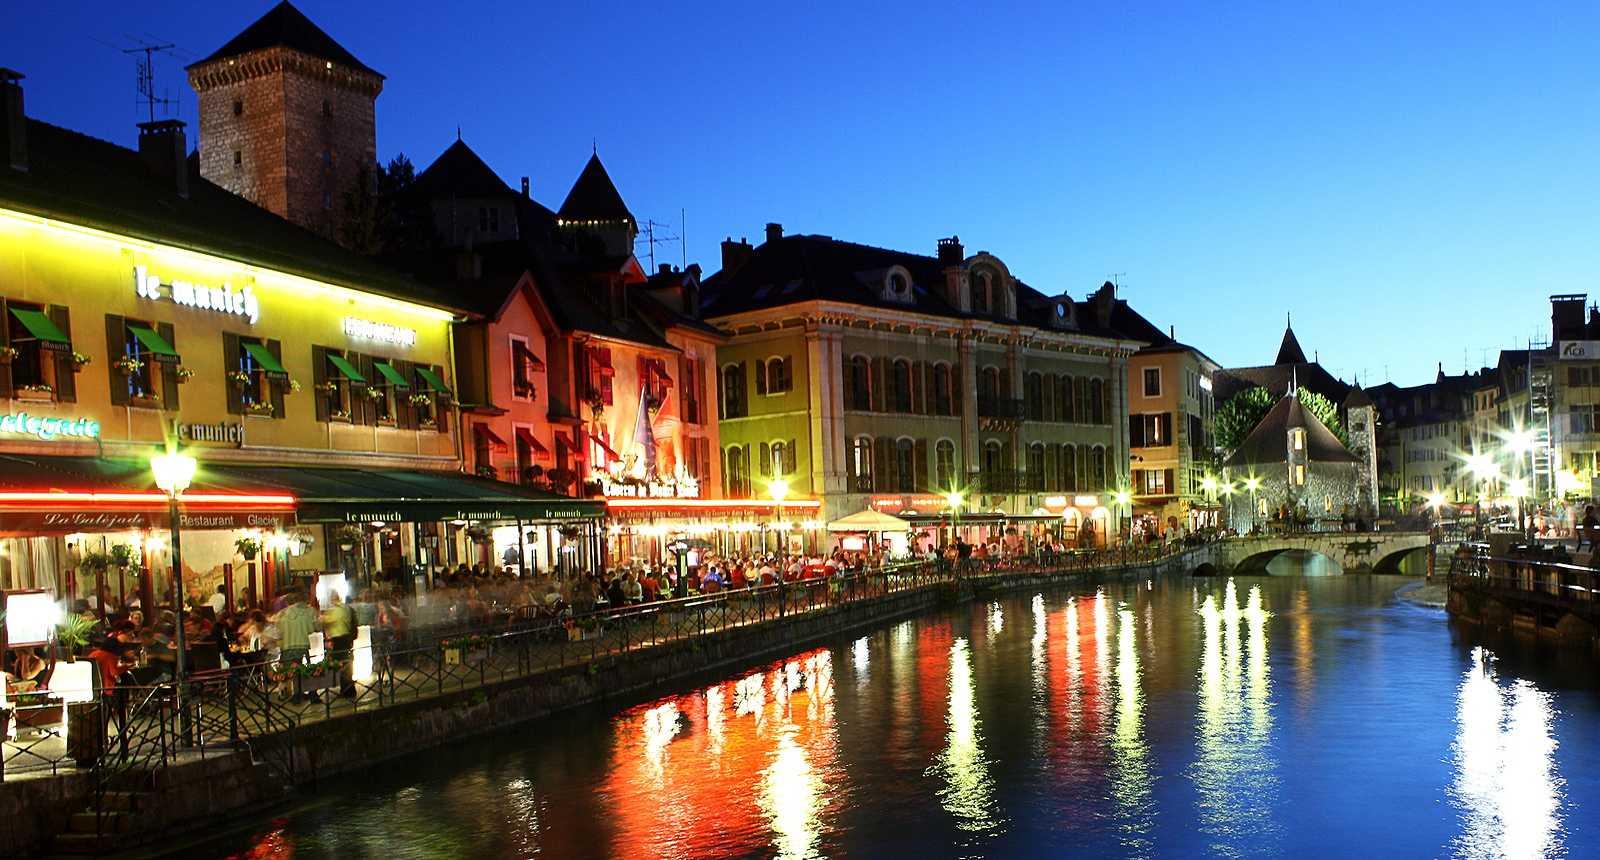 Tombée de la nuit à Annecy